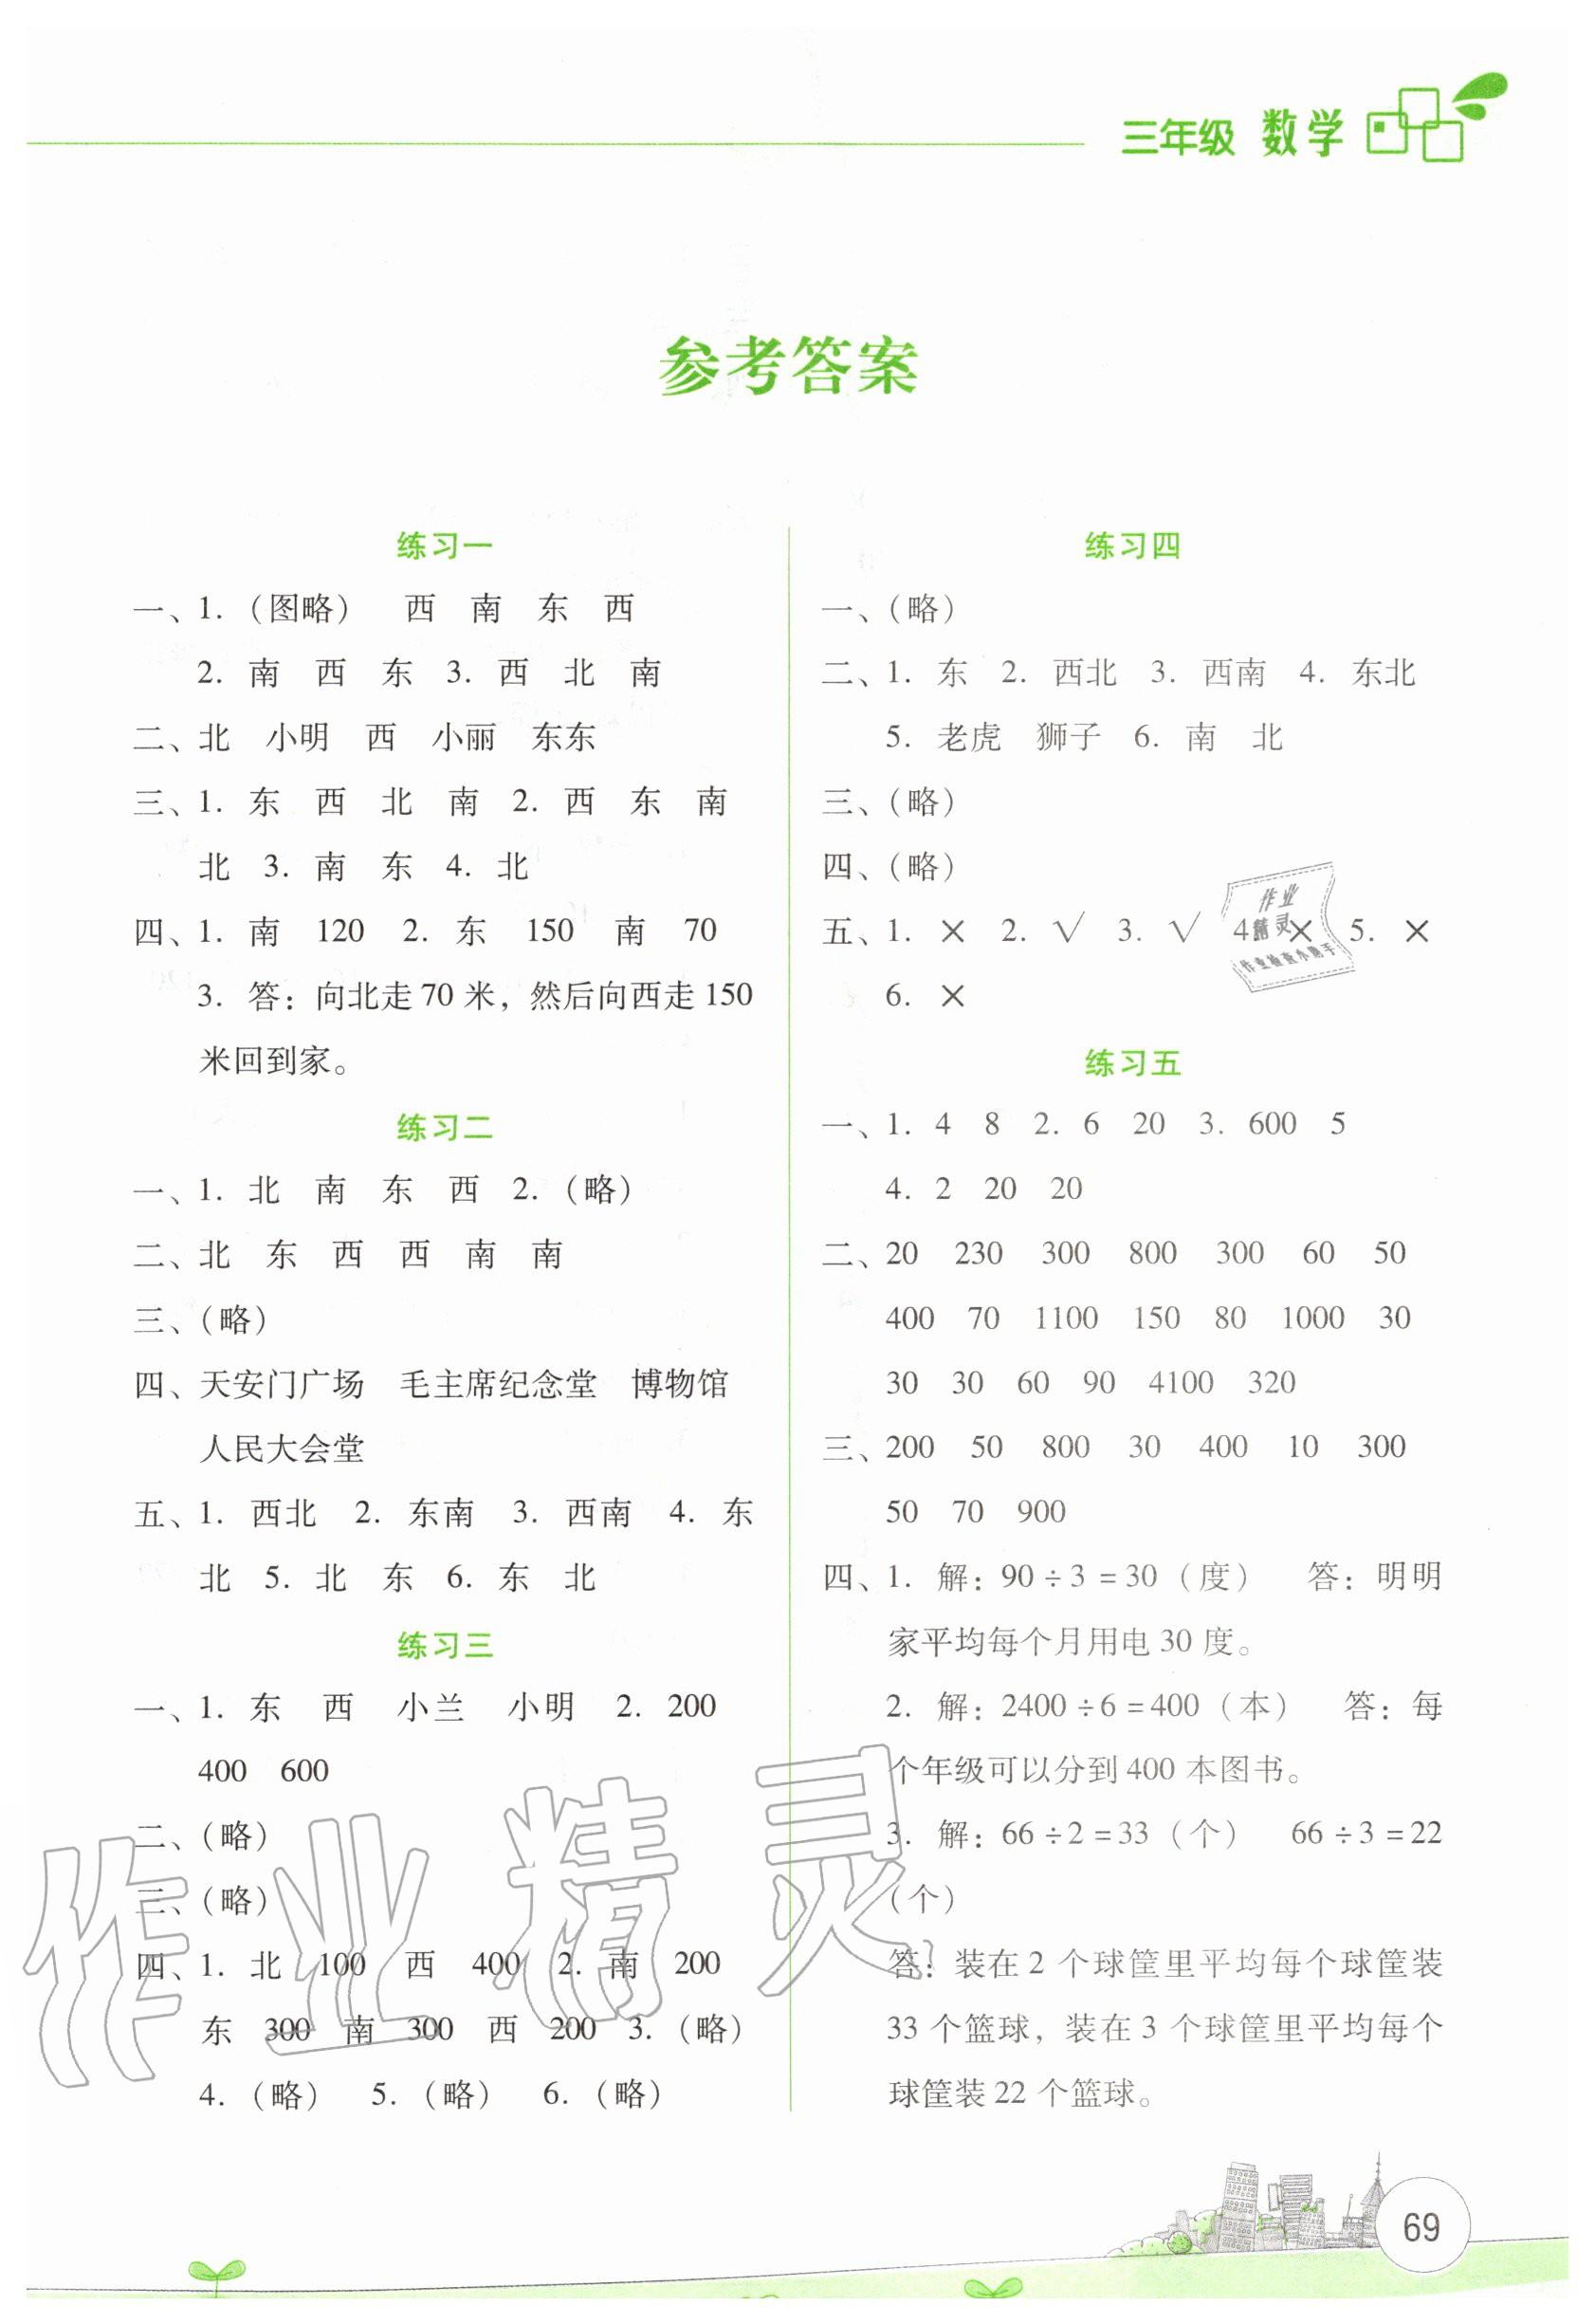 2020年暑假活动边学边玩三年级数学云南大学出版社第1页